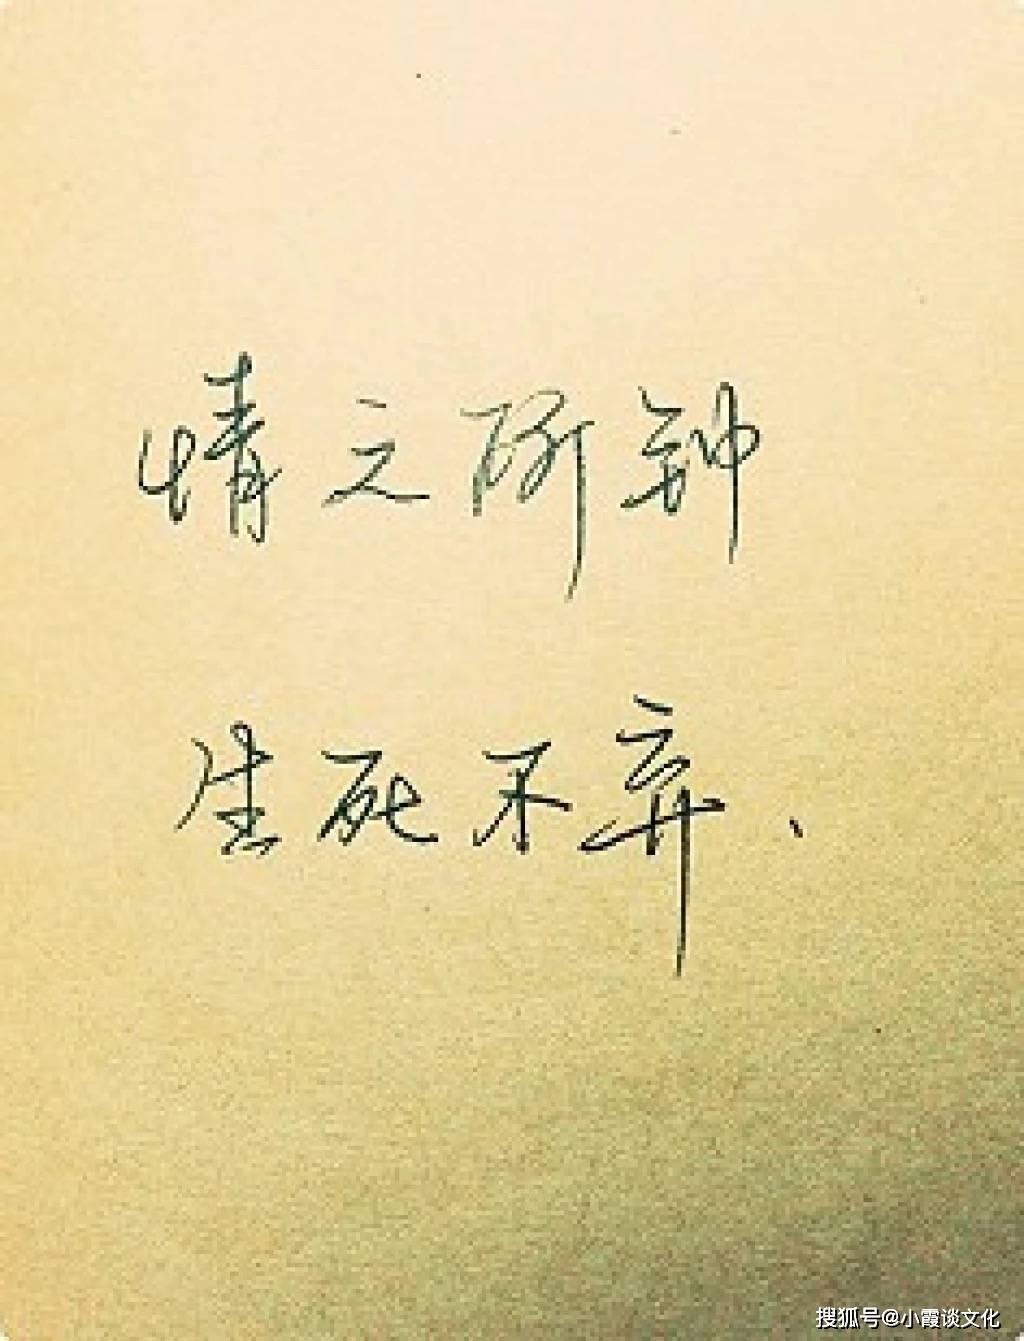 爱情说说短句 爱情句子短句八个字的